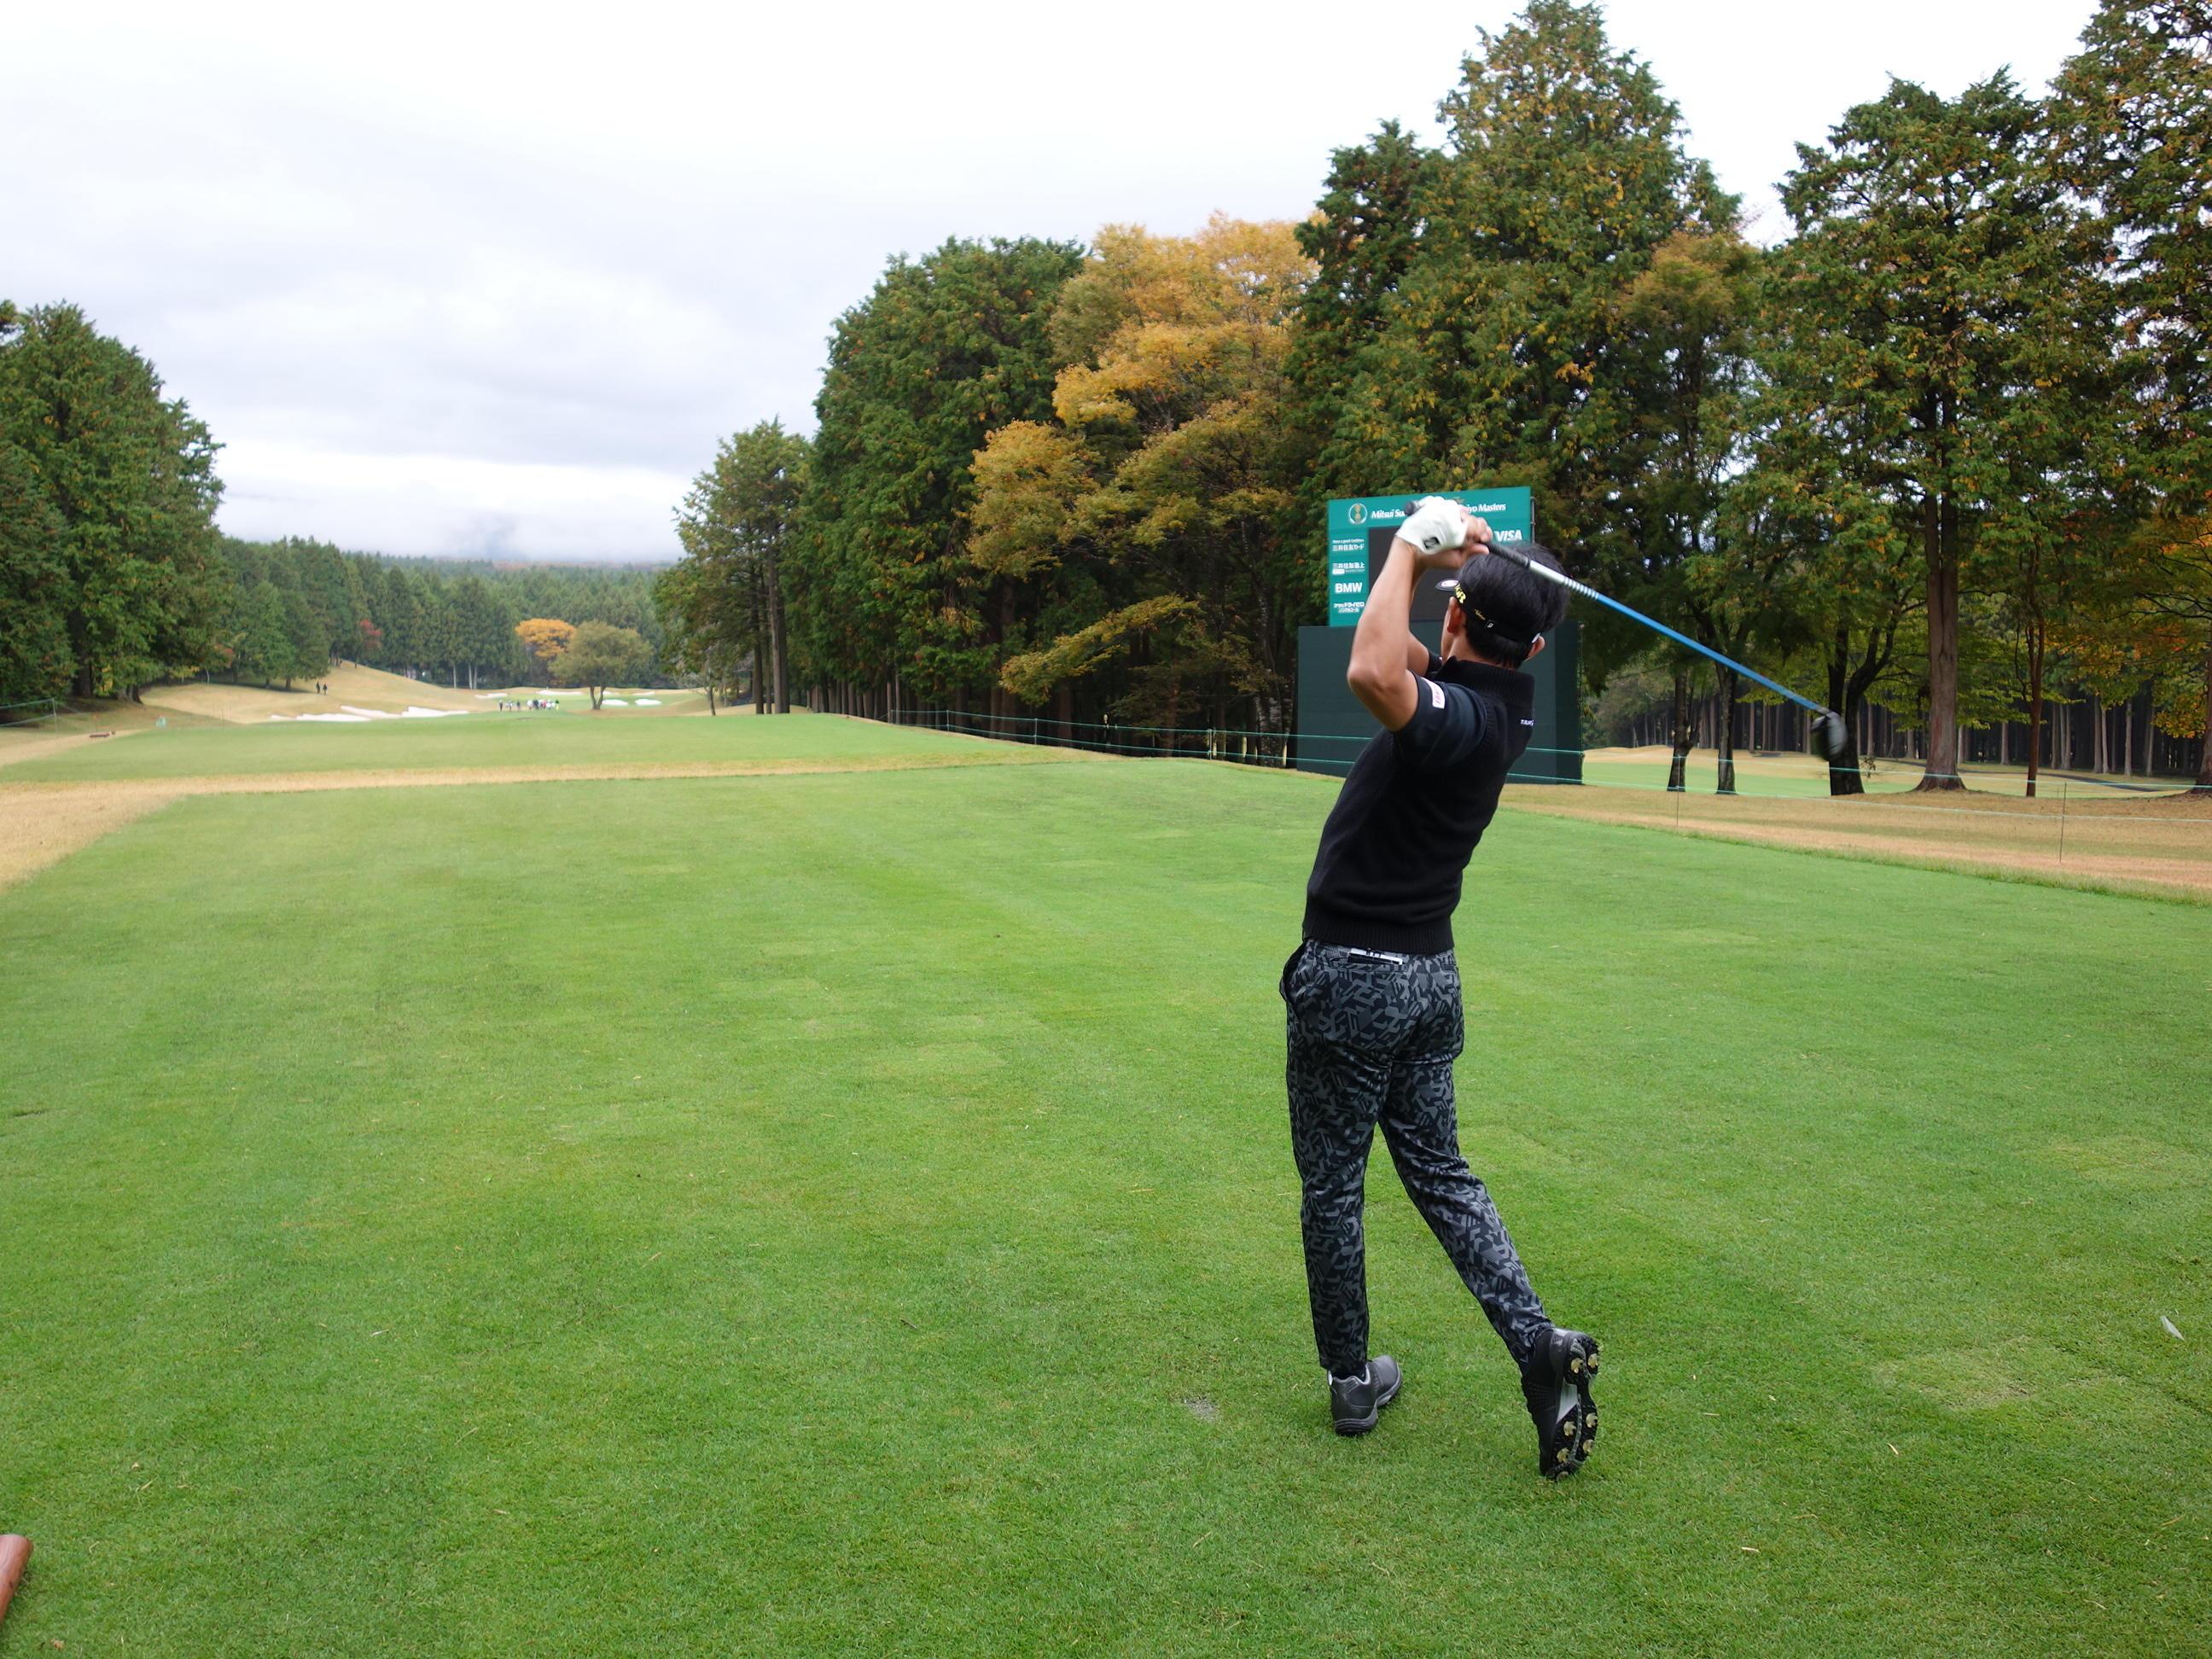 http://www.bs-golf.com/pro/1788bef4c46499366c70e2f7fc85052d0e598c4c.JPG